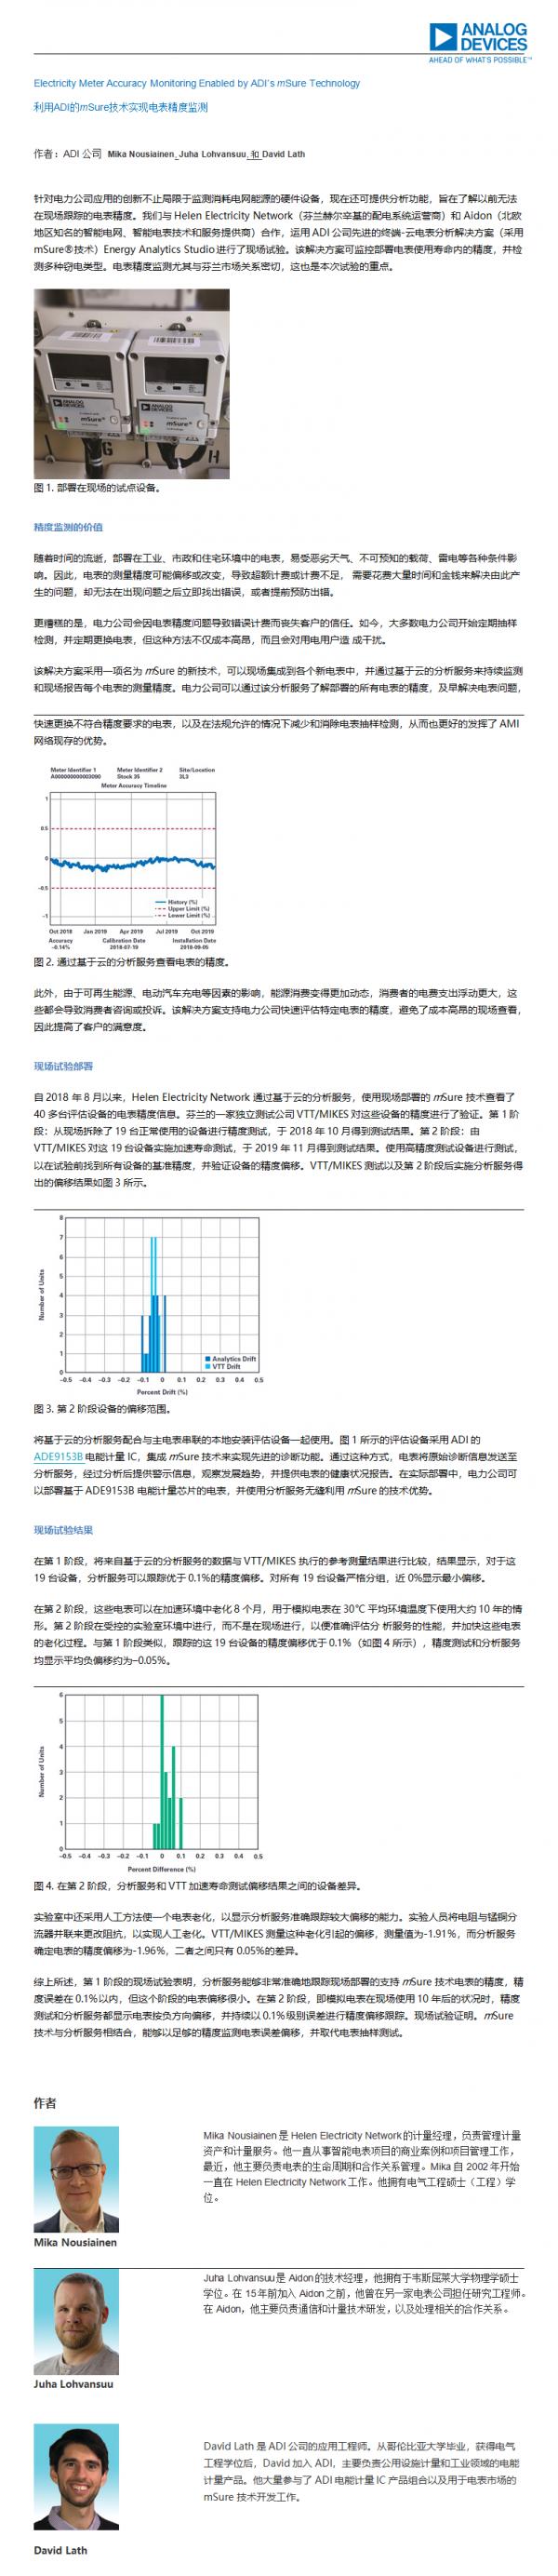 利用ADI的mSure技术实现电表精度监测